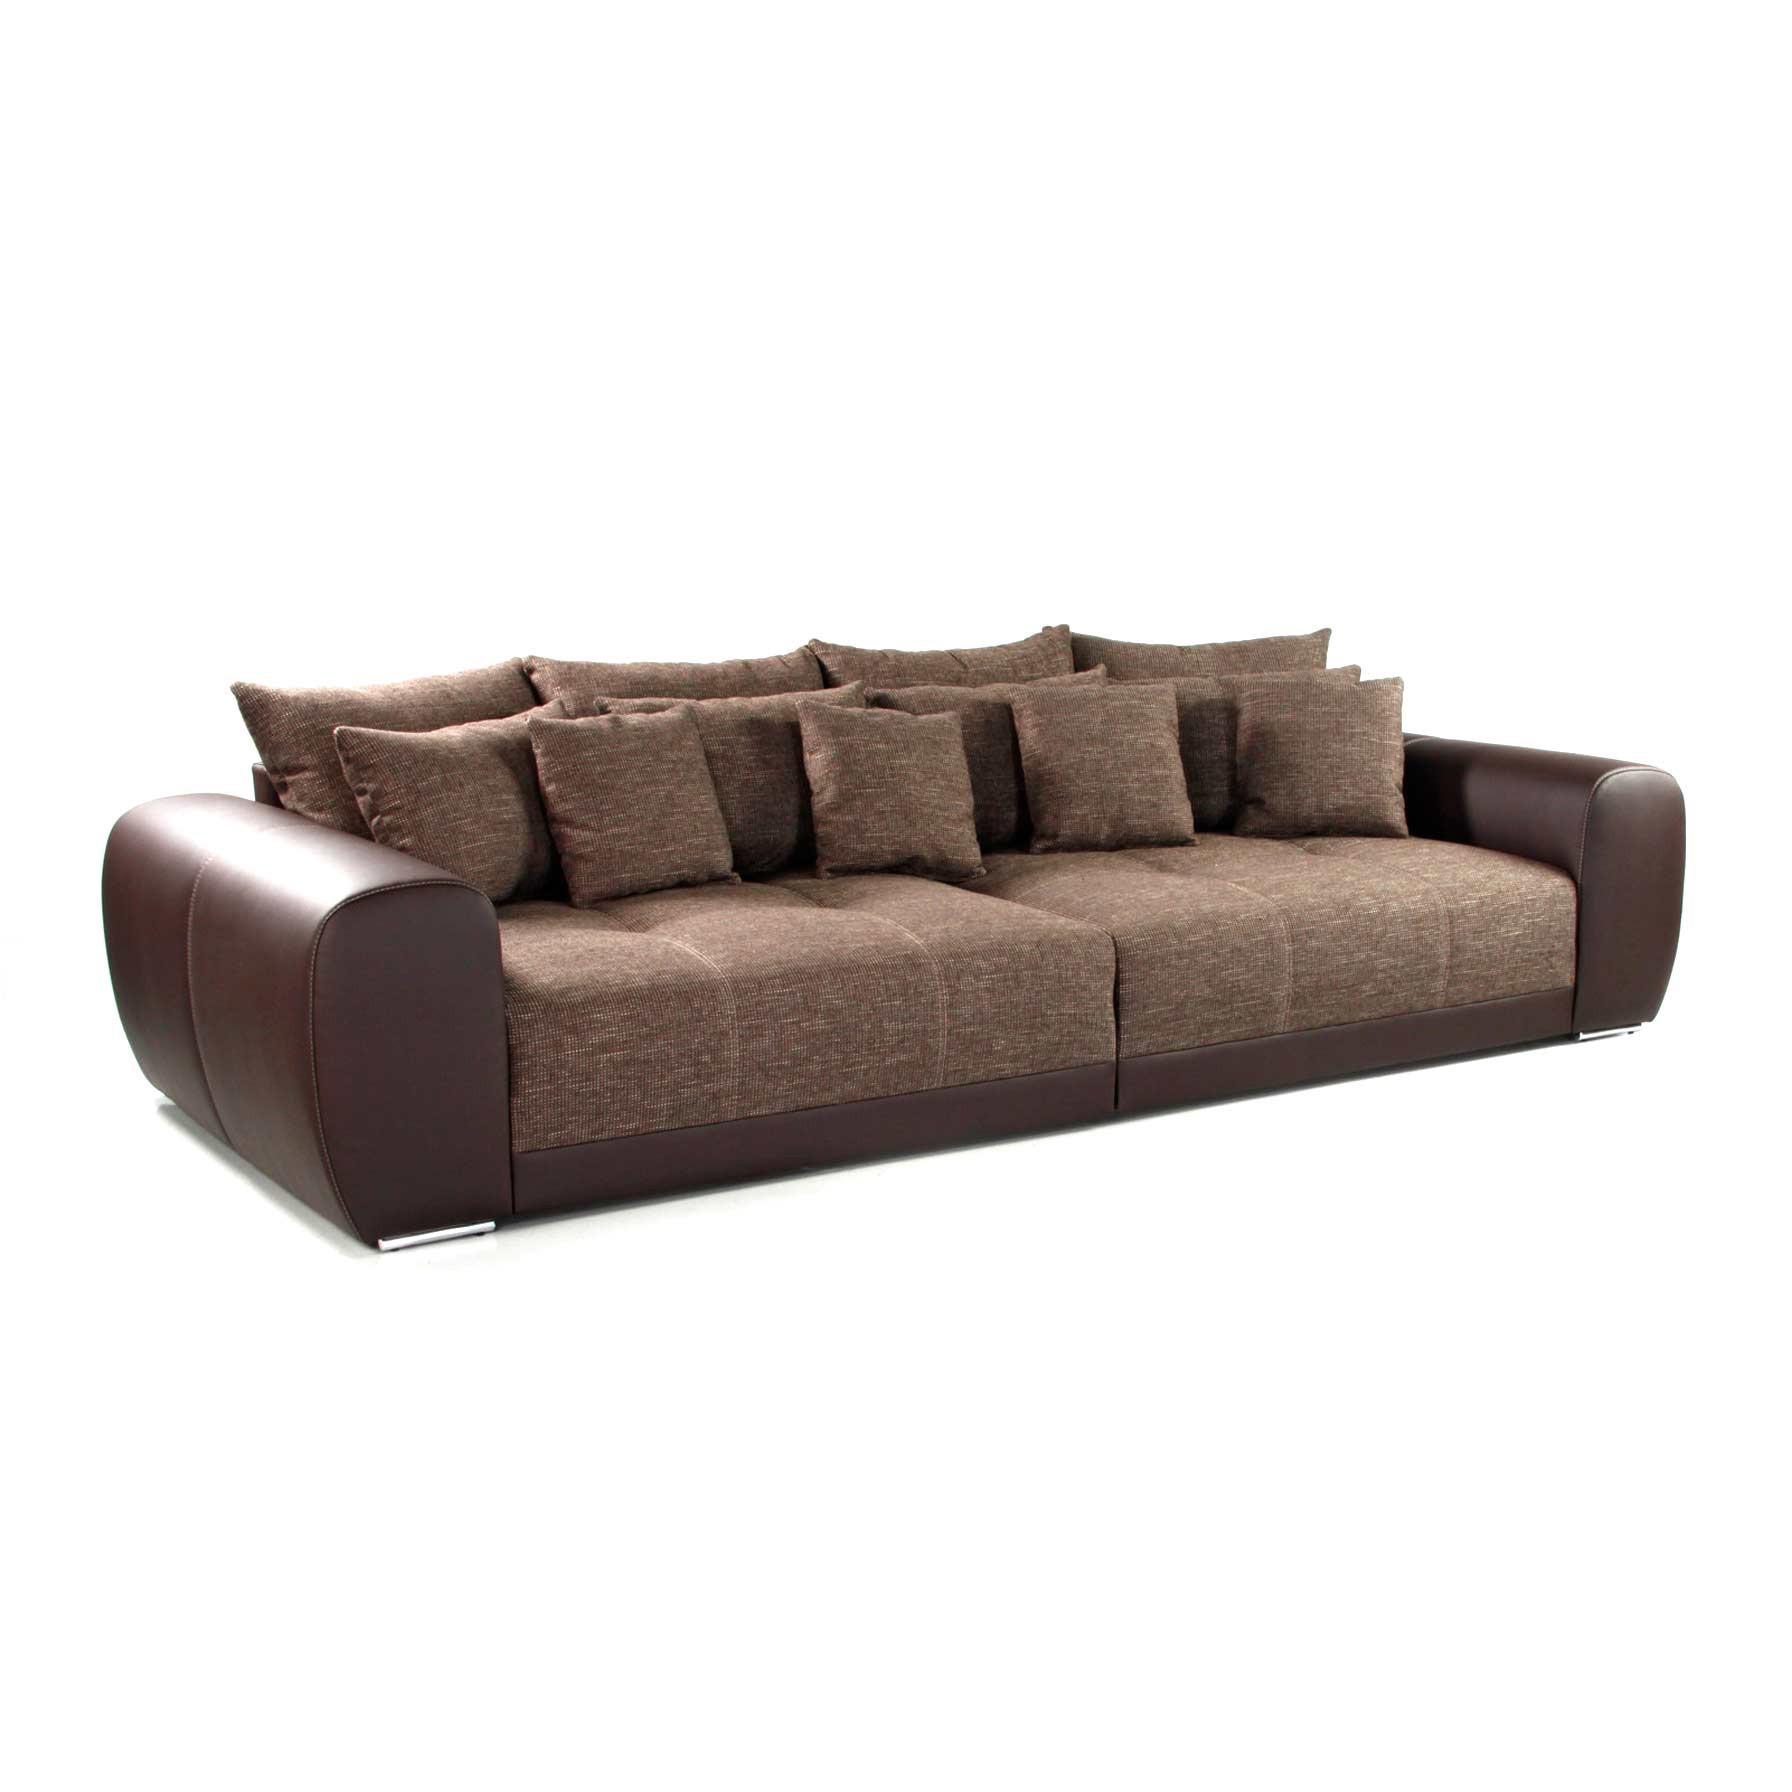 Big Sofa Serena Webstoff Bigsofas Online Kaufen Mobel Suchmaschine